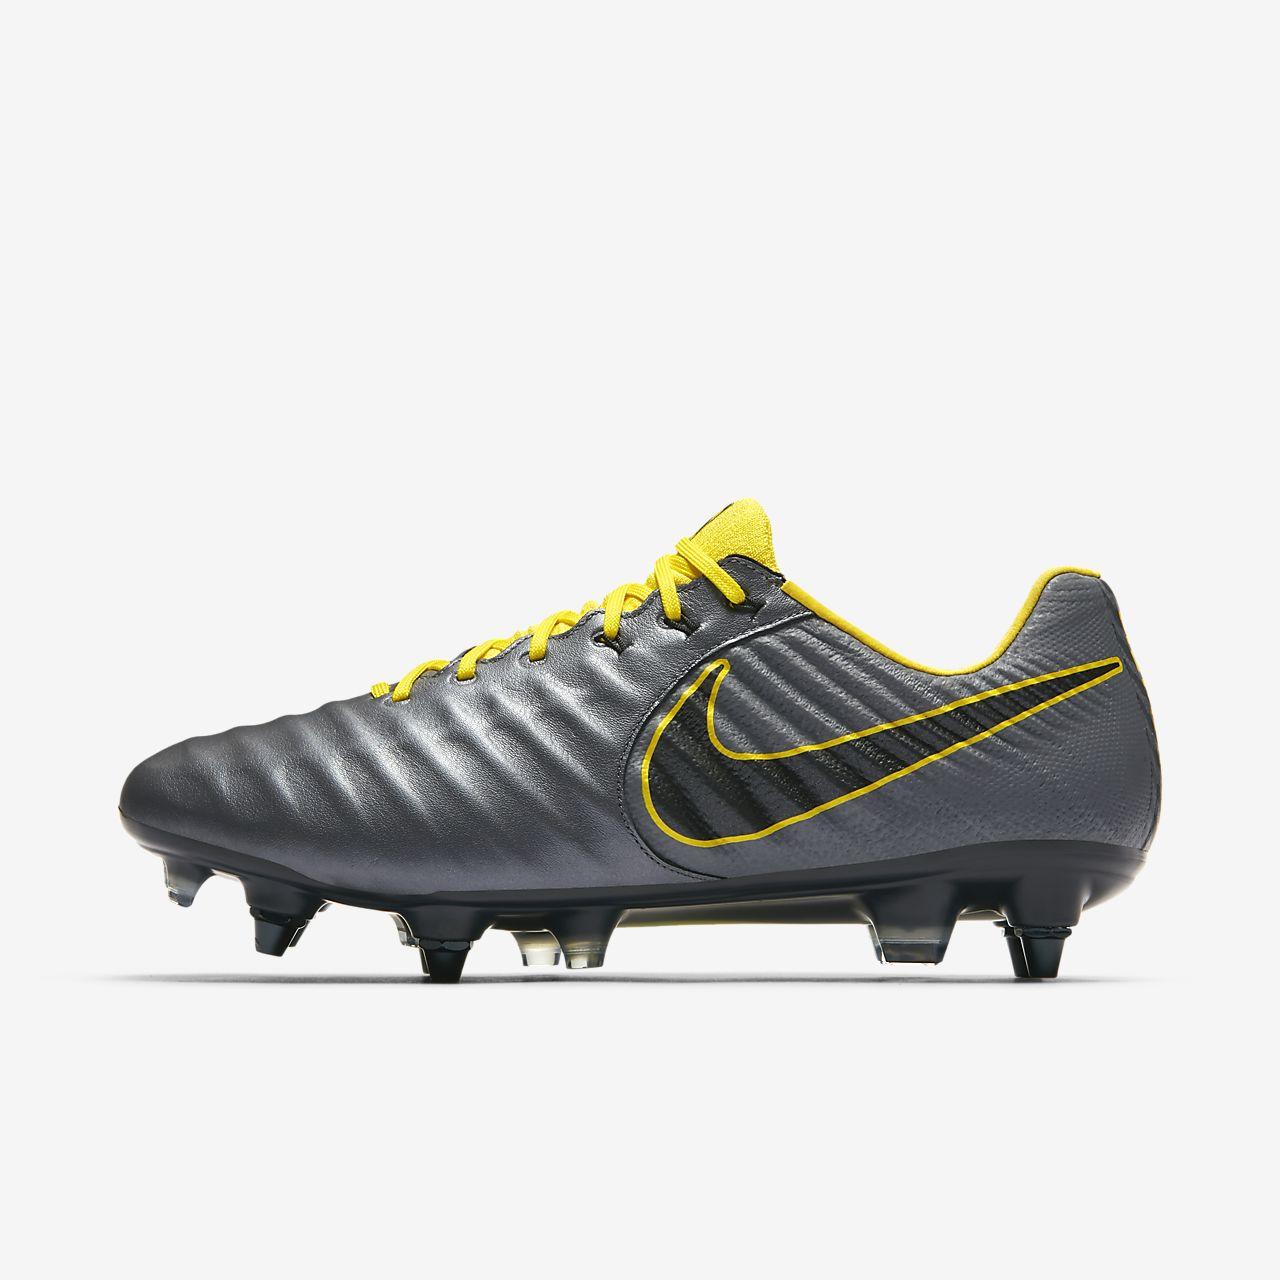 Nike Tiempo Legend VII Elite SG-Pro Anti-Clog Botes de futbol per a terreny tou